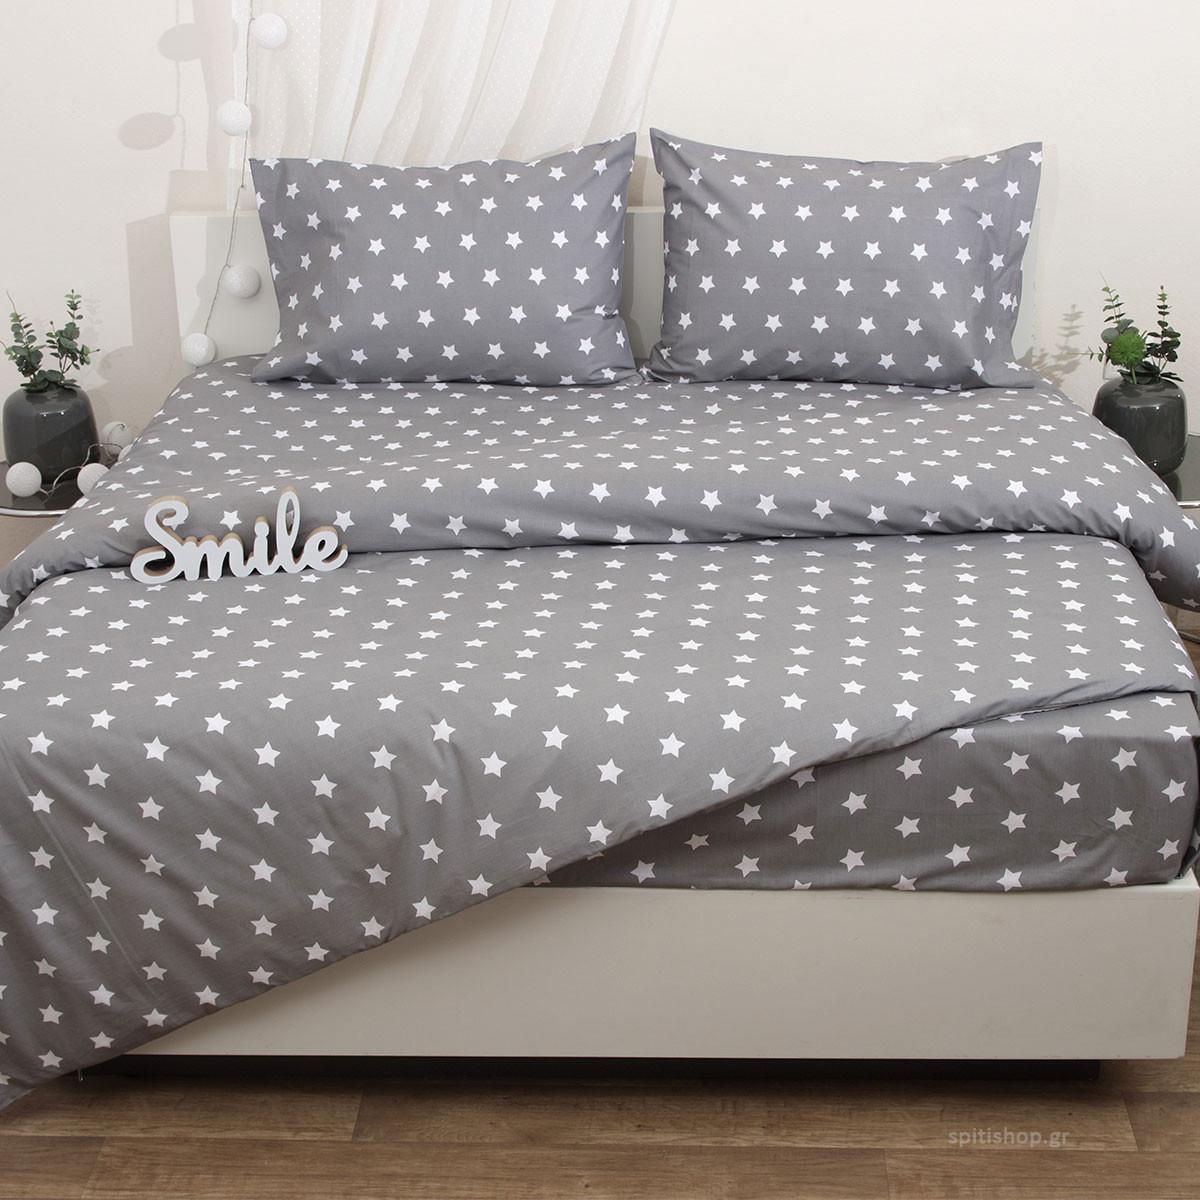 Πάπλωμα Ημίδιπλο (Σετ) Viopros Fresh Τζάσπερ home   κρεβατοκάμαρα   παπλώματα   παπλώματα ημίδιπλα   διπλά